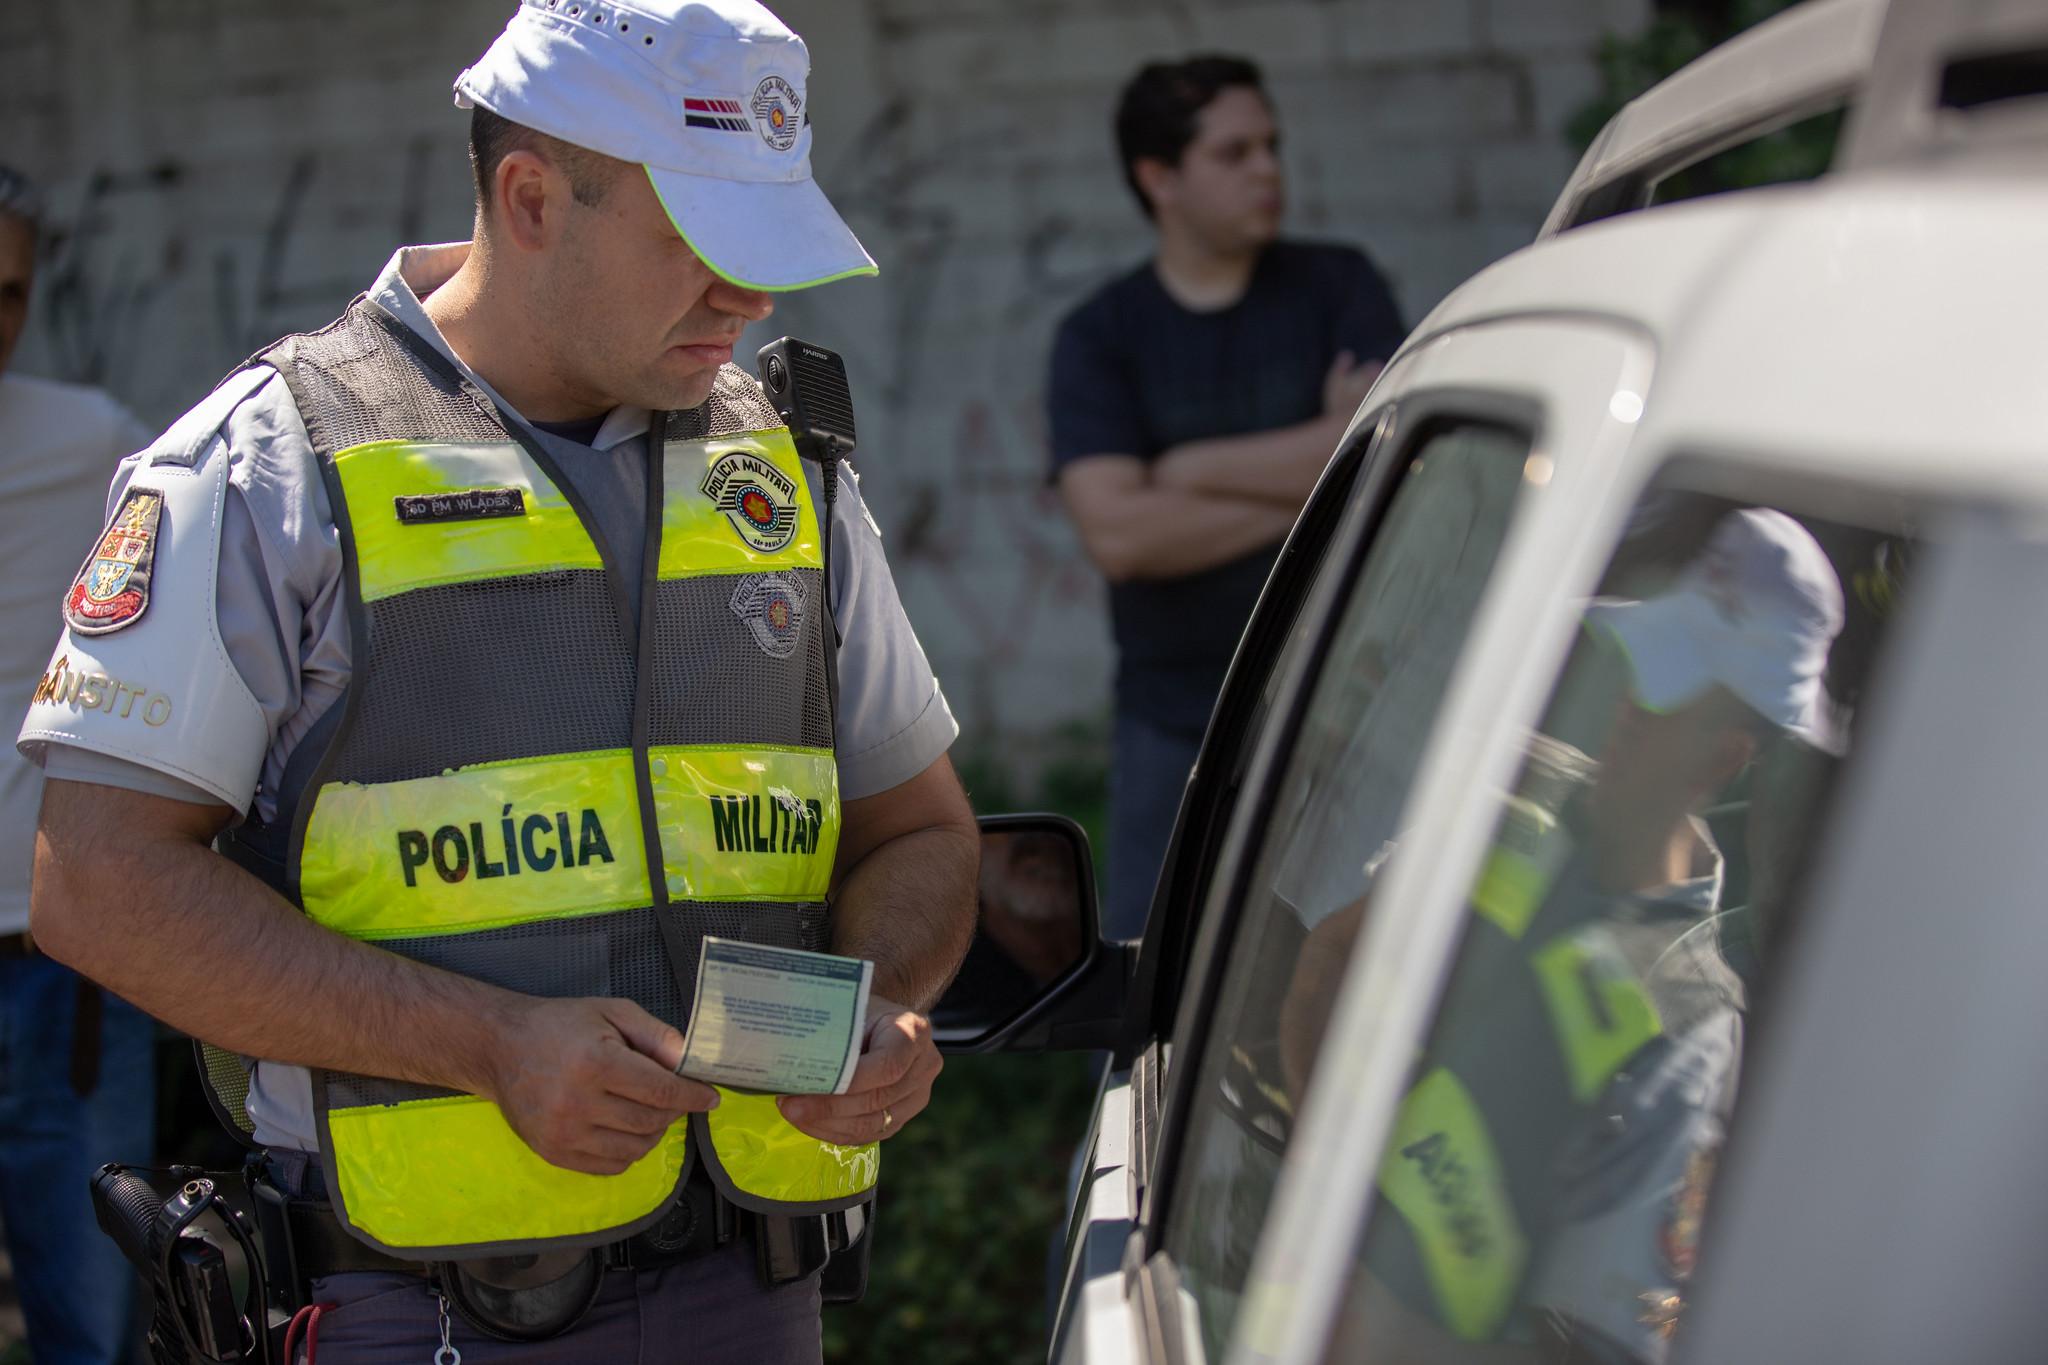 Transporte - fiscalização - trânsito seguro manutenção veículos policiais blitz documentação documentos